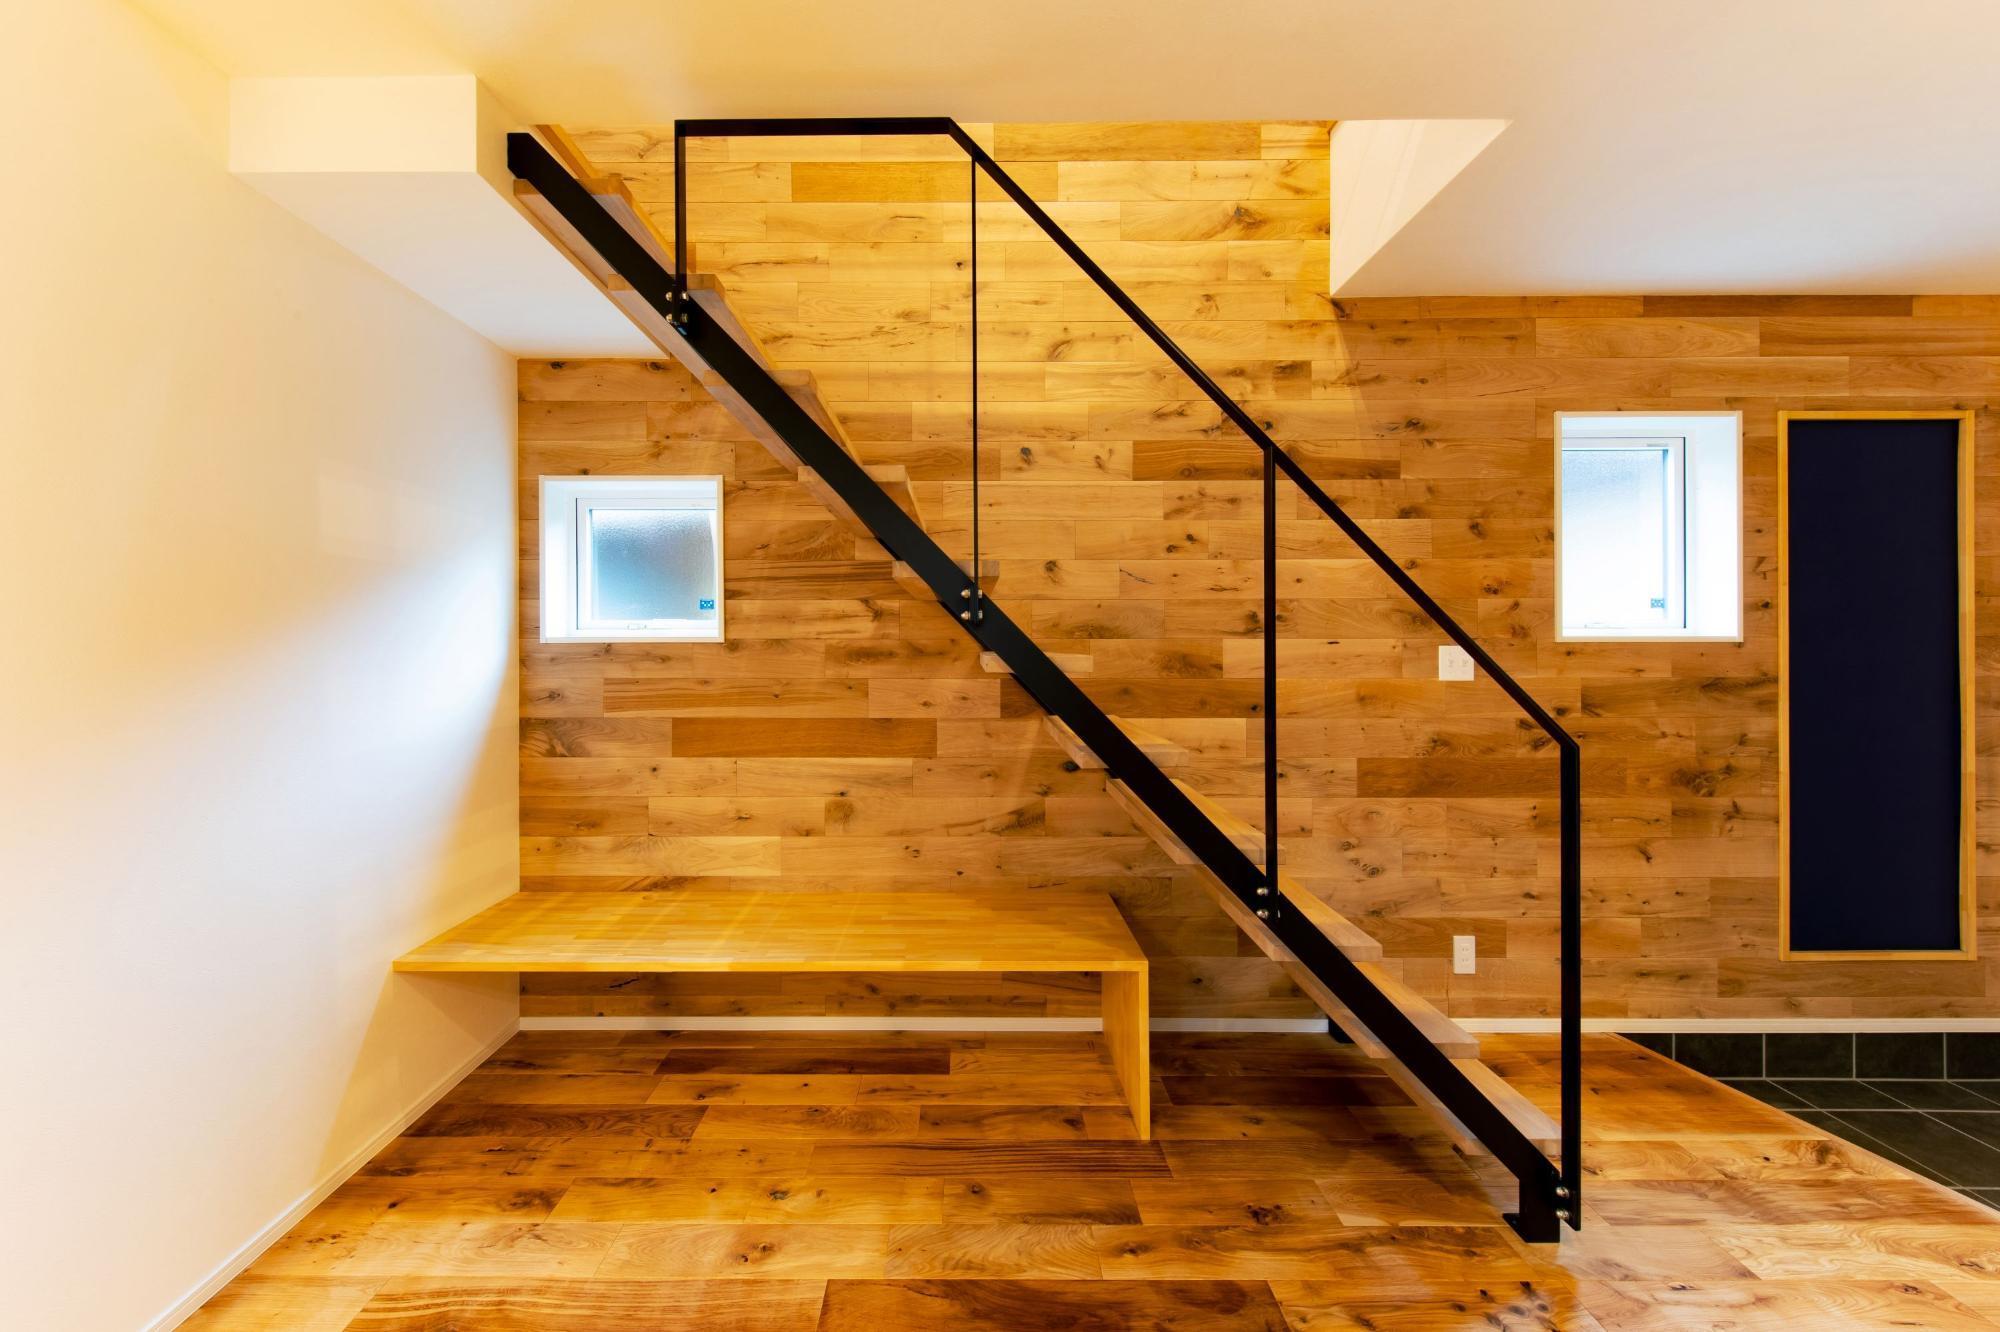 株式会社ゼロスタイル「ユカカベオークなカジュアルモダンなお家」のモダン・シンプル・ナチュラル・自然素材な階段の実例写真